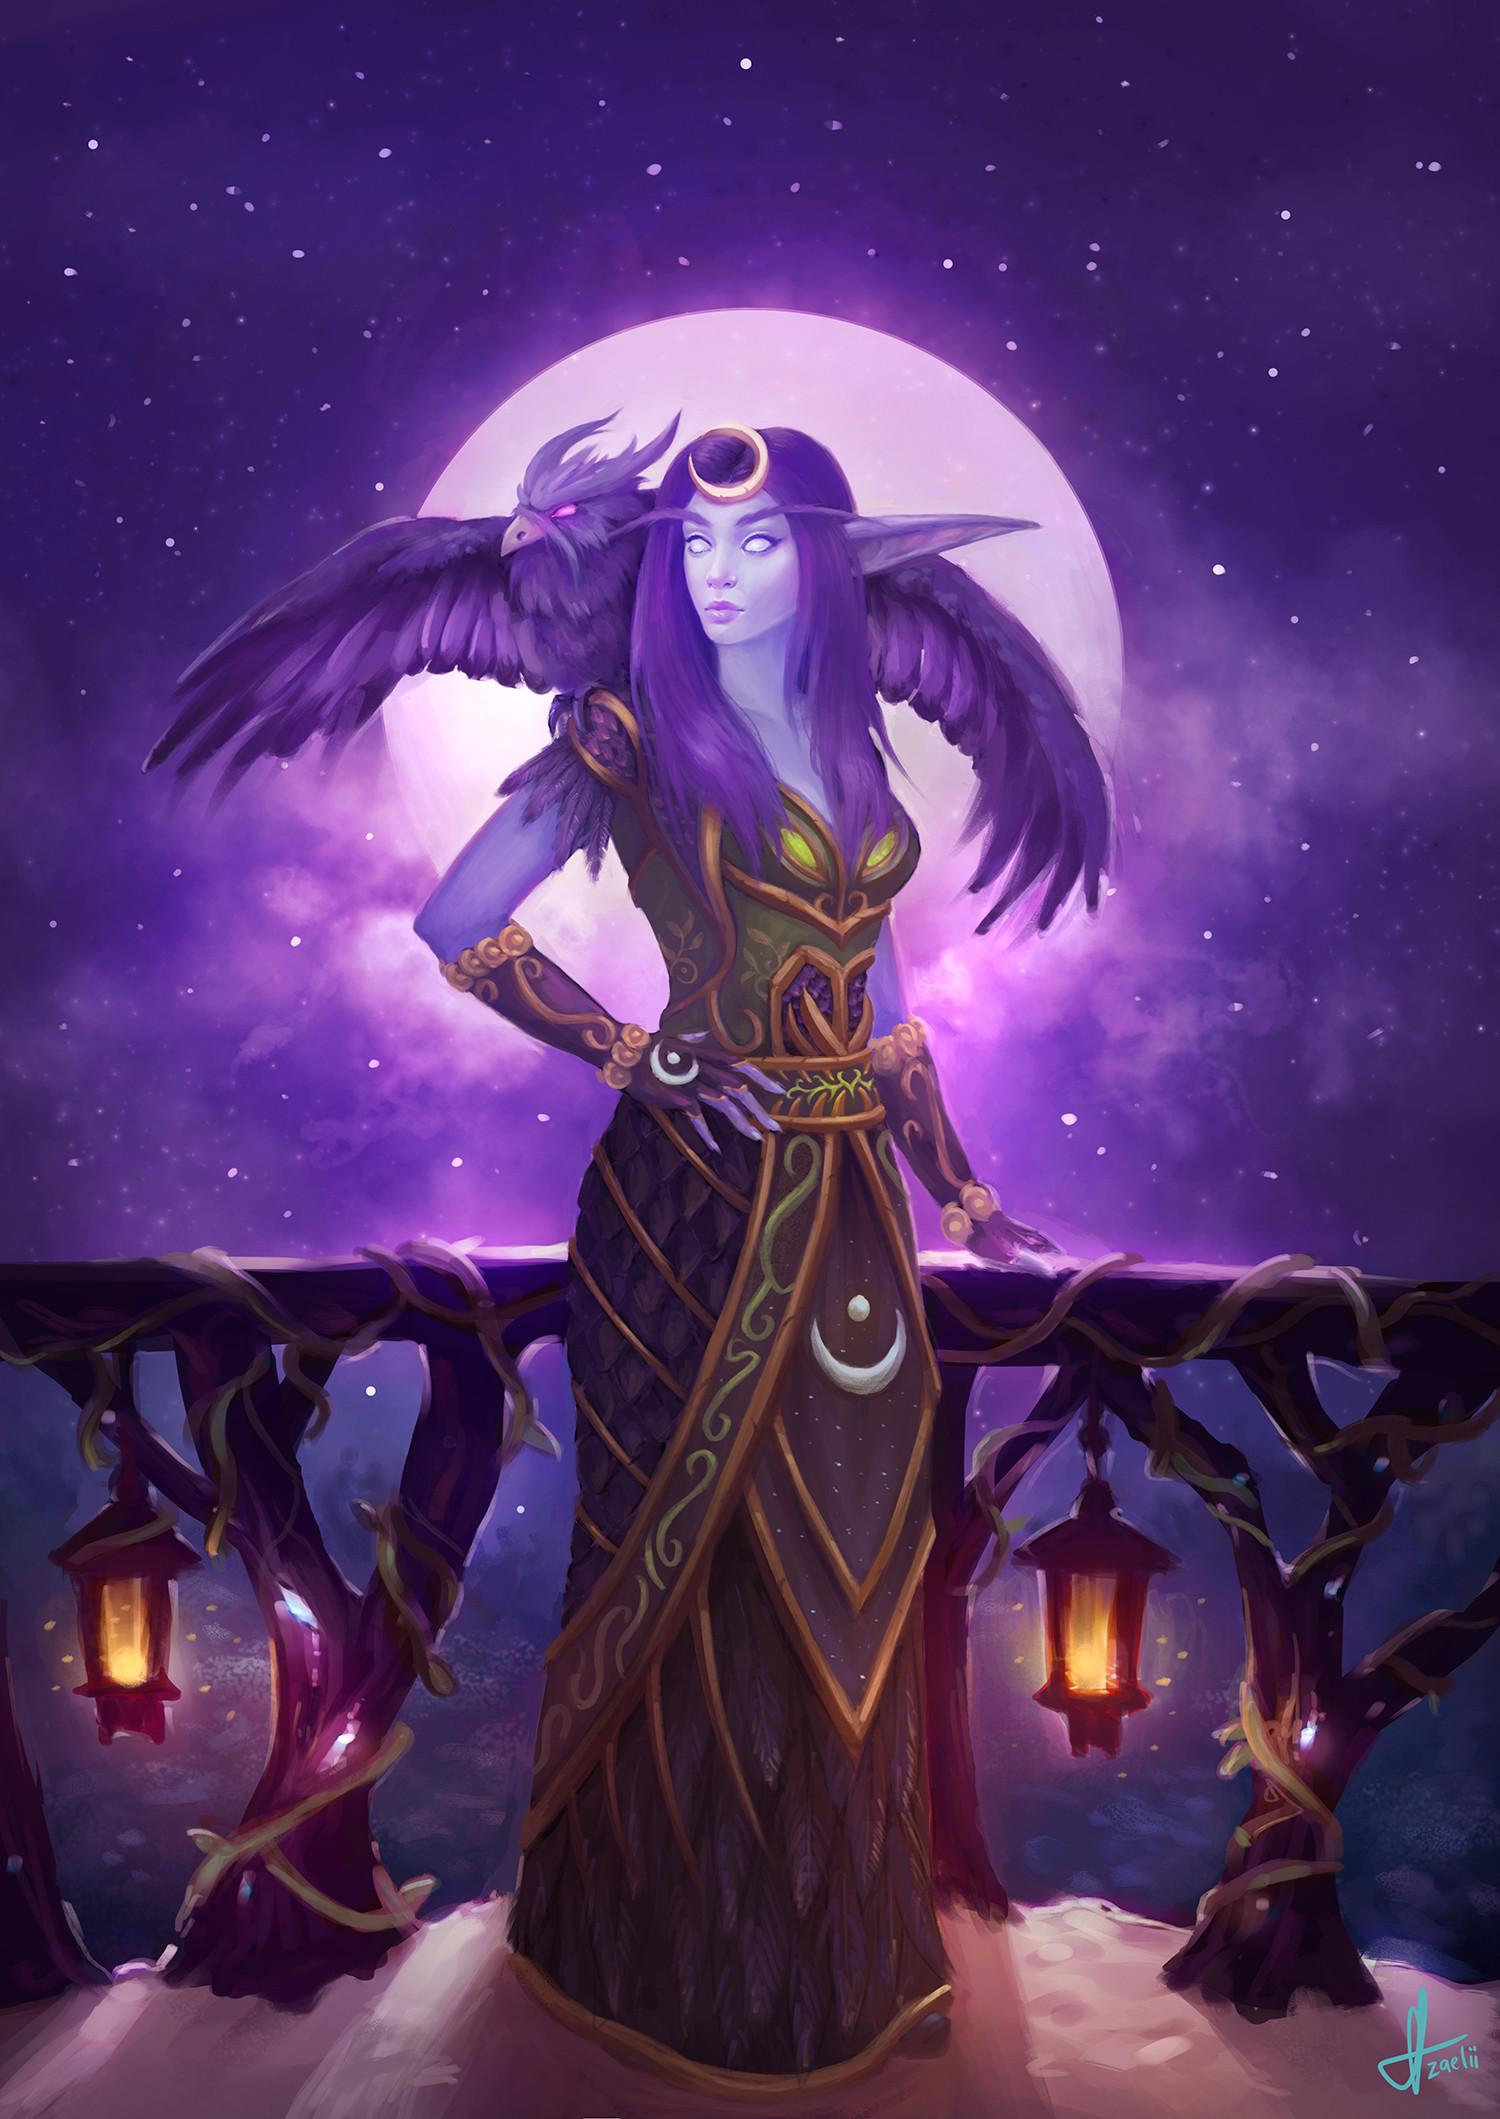 Night elf female